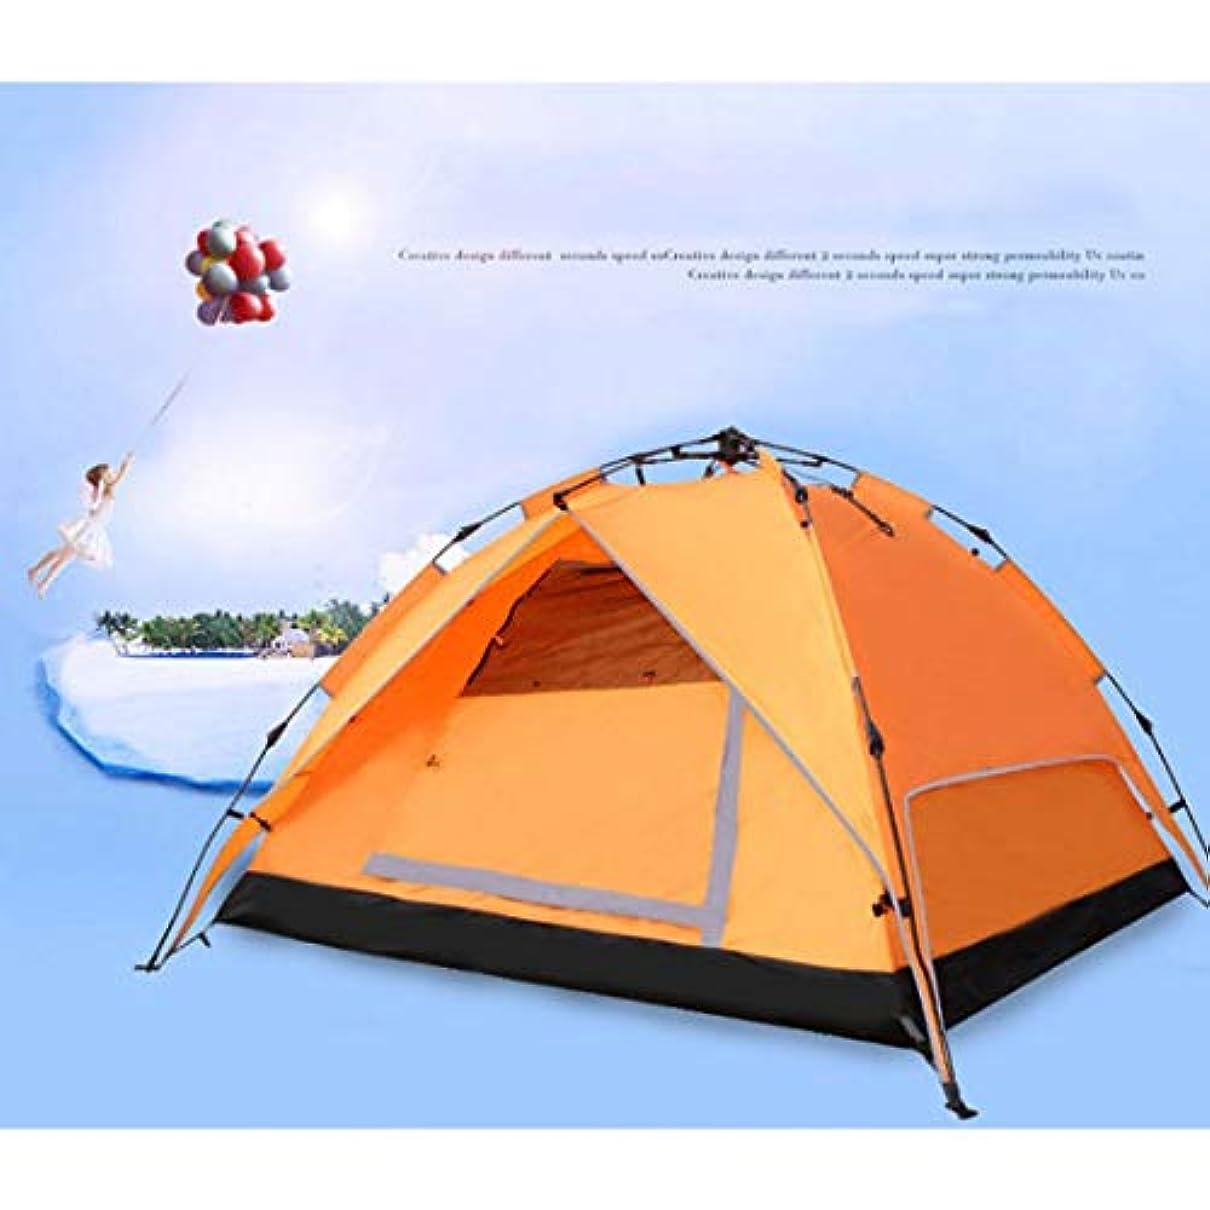 ボイコット展望台子孫KingsleyW 二重層の防水ガラス繊維のポーランド人が付いている屋外のキャンプのためのキャンプテント。 (色 : オレンジ, サイズ : 3-4P)